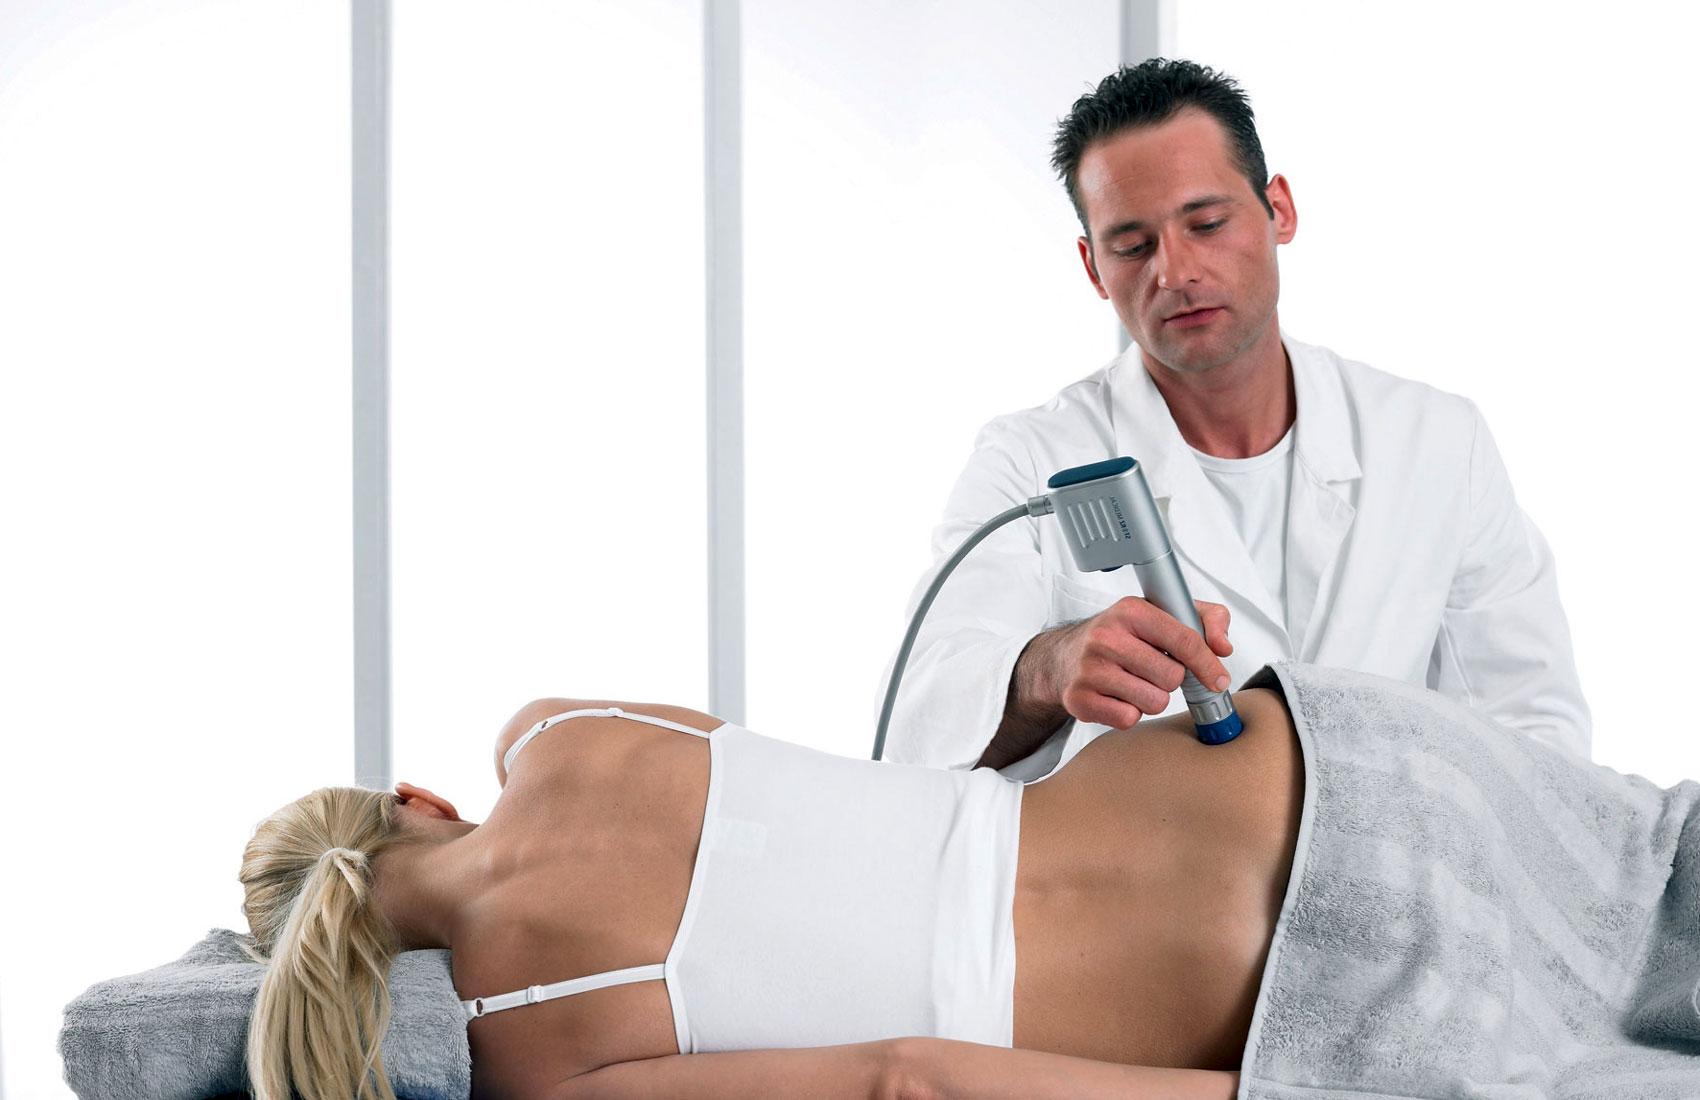 Виды физиотерапии при остеохондрозе поясничного отдела позвоночника